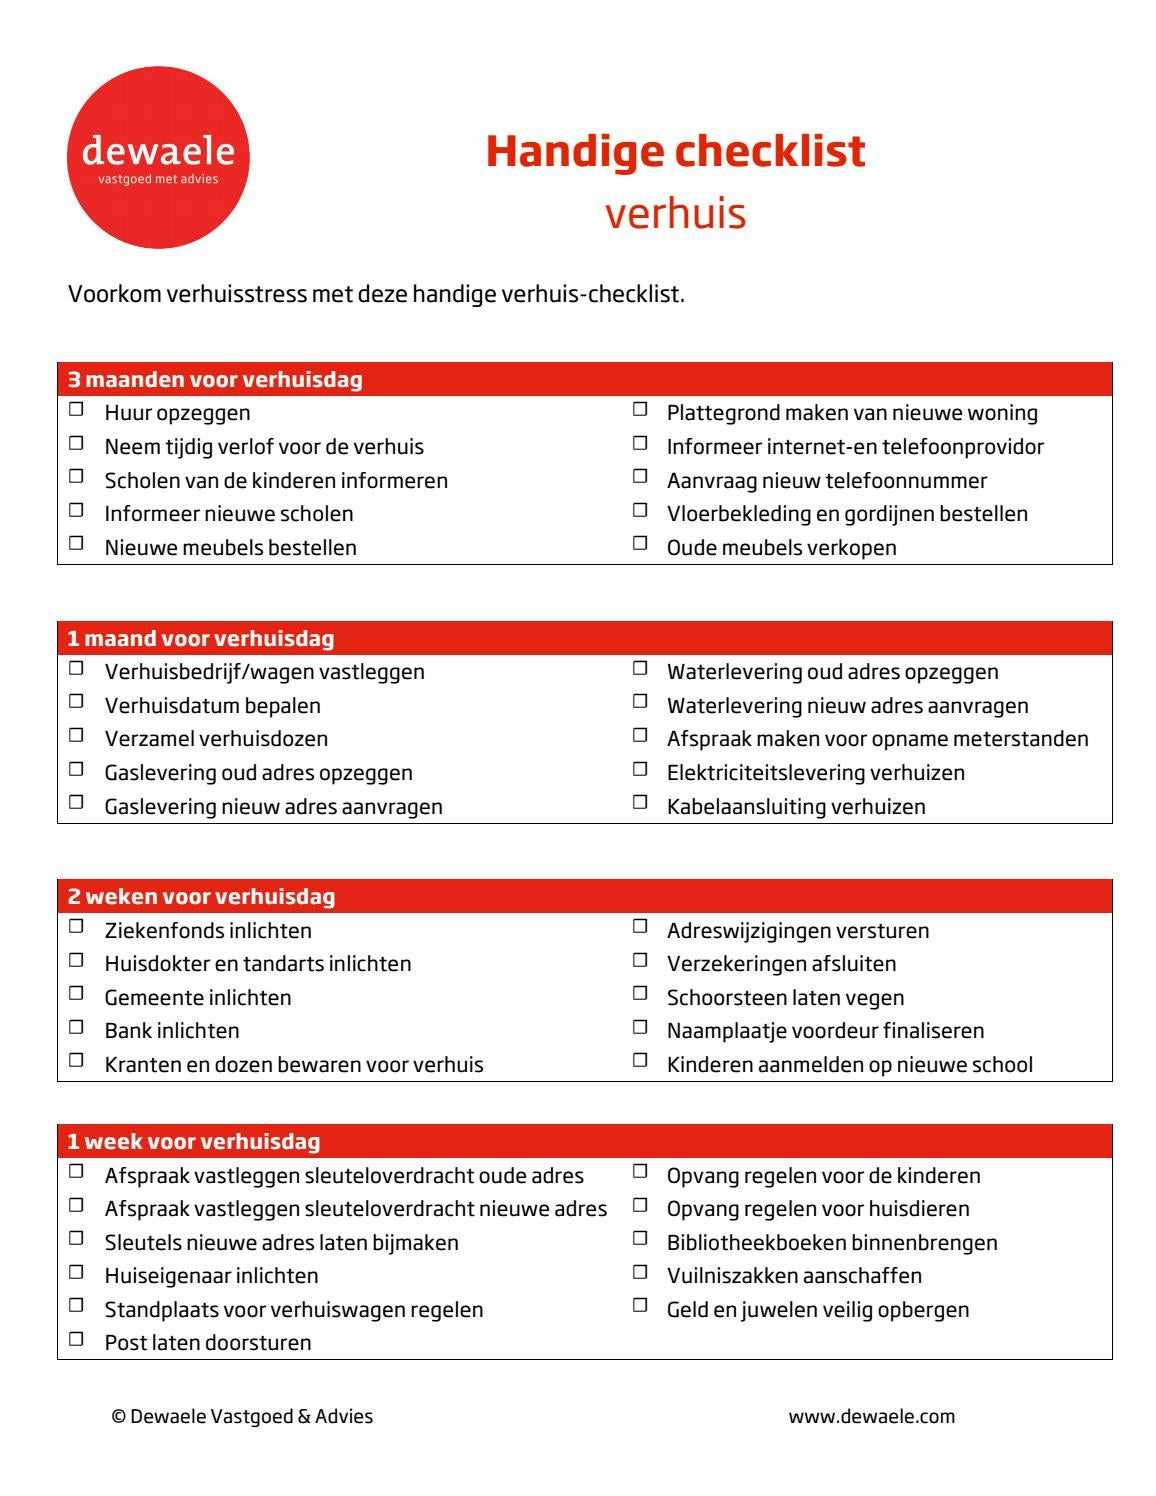 Checklist verhuis by dewaele vastgoedgroep issuu for Checklist verhuizen